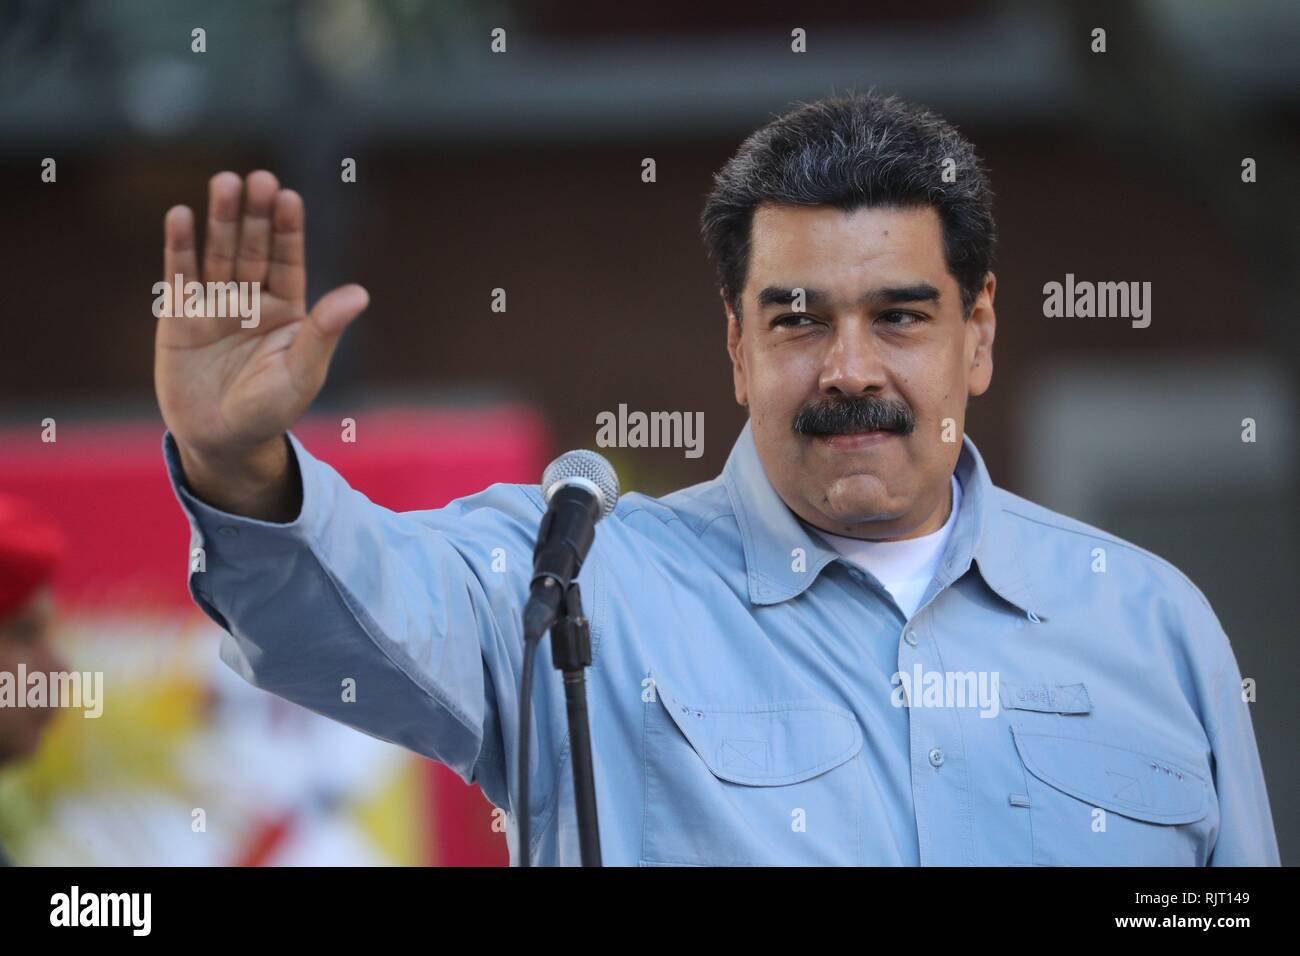 Caracas, Venezuela. 07Th Feb 2019. Le président vénézuélien Nicolas Maduro assiste à un événement à la place Bolivar à Caracas, Venezuela, 07 février 2019. Maduro a remercié aujourd'hui les marches qui l'invite à signer une lettre à l'United States rejetant l'ingérence de ce pays au Venezuela. Credit: Miguel Gutierrez/EFE/Alamy Live News Photo Stock